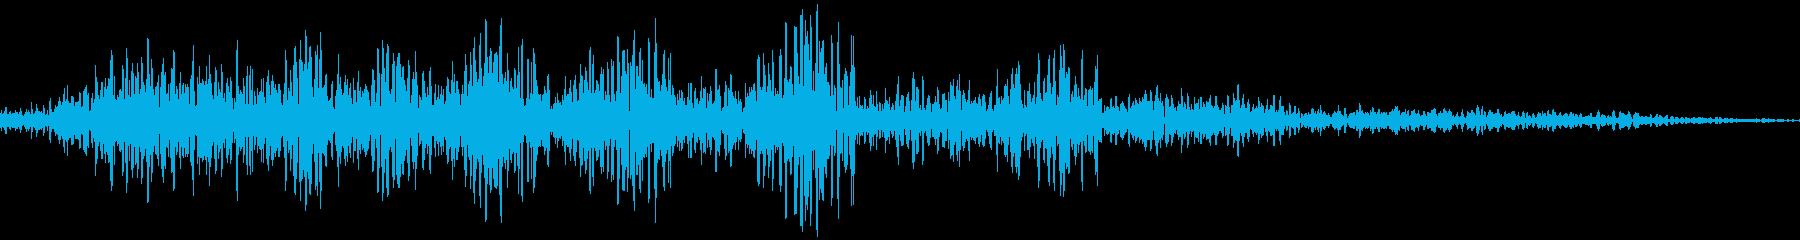 メニュー画面音(ウインドウ開閉など)04の再生済みの波形